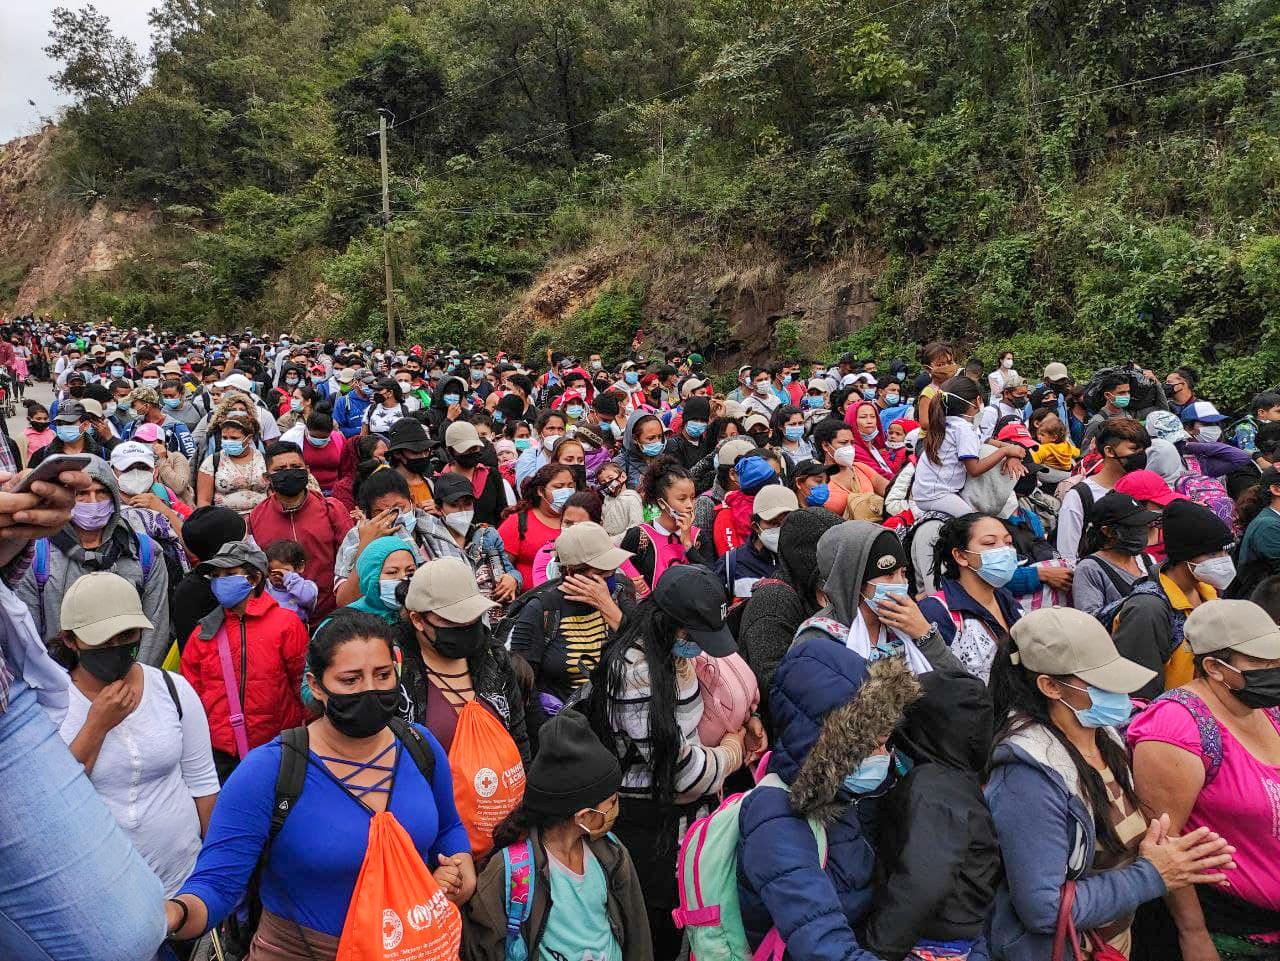 Unos 2000 hondureños integrantes de la caravana migrante son retenidos por un cordón policial guatemalteco antes de llegar al puesto fronterizo de El Florido. Frontera entre Honduras y Guatemala, 16 de enero de 2021. Foto: Deiby Yánes.